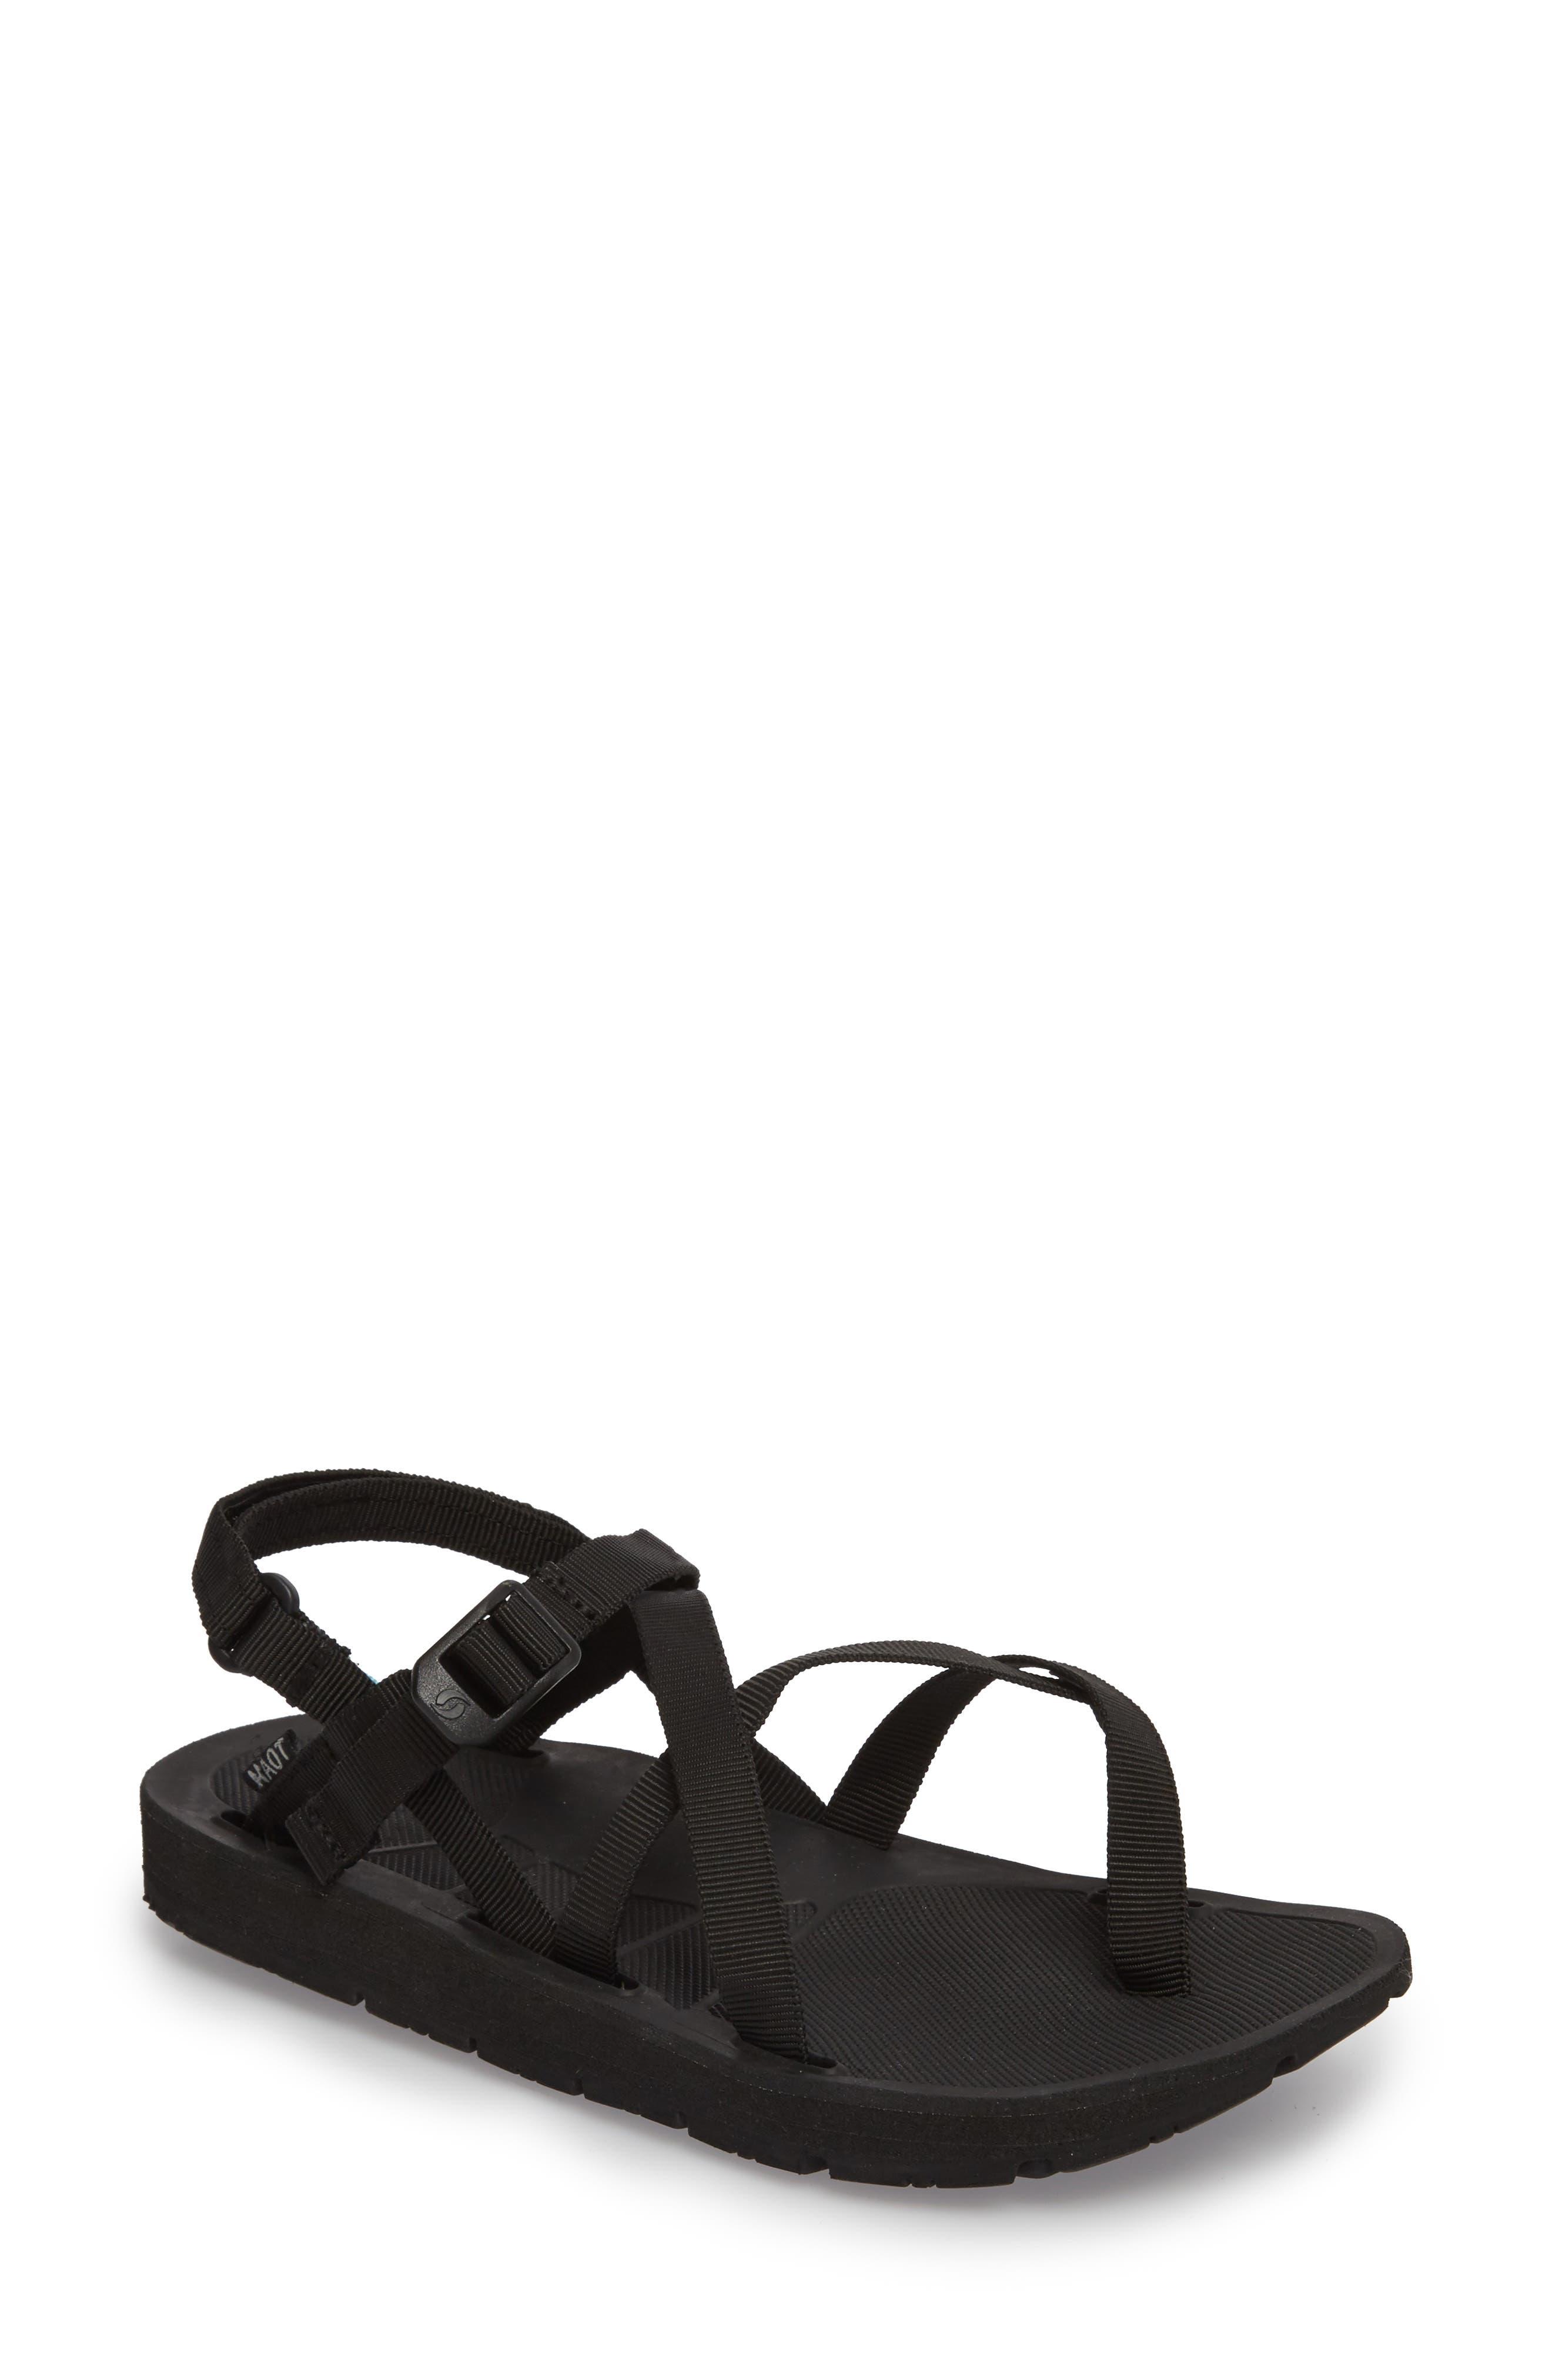 NAOT, Shore Sandal, Main thumbnail 1, color, BLACK FABRIC